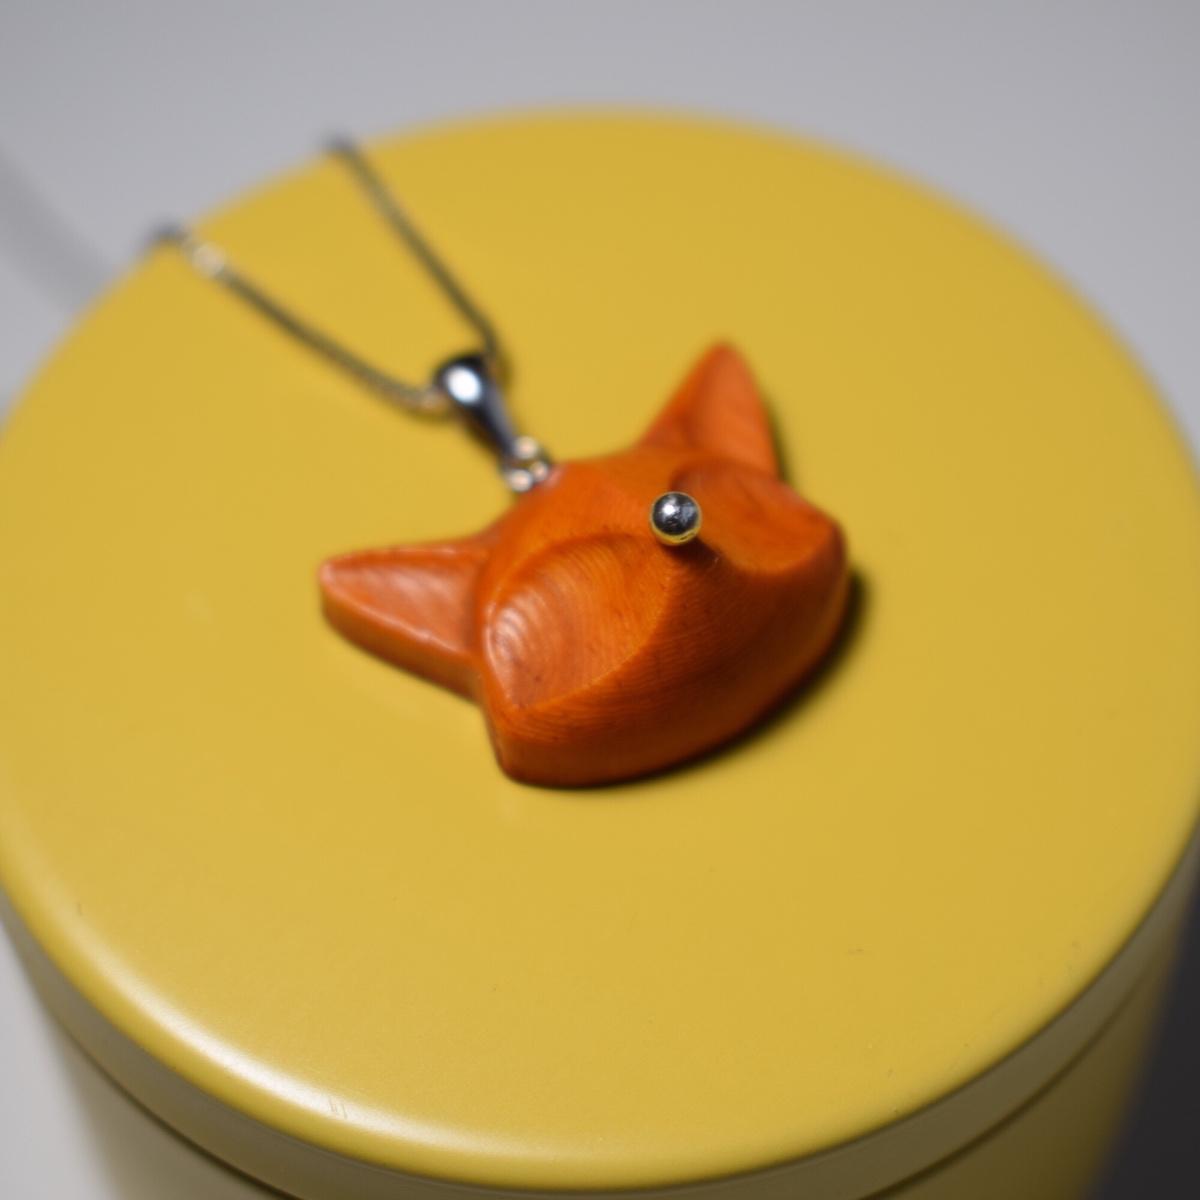 一人一半原创檀木小狐狸吊坠,个性创意设计超萌礼物